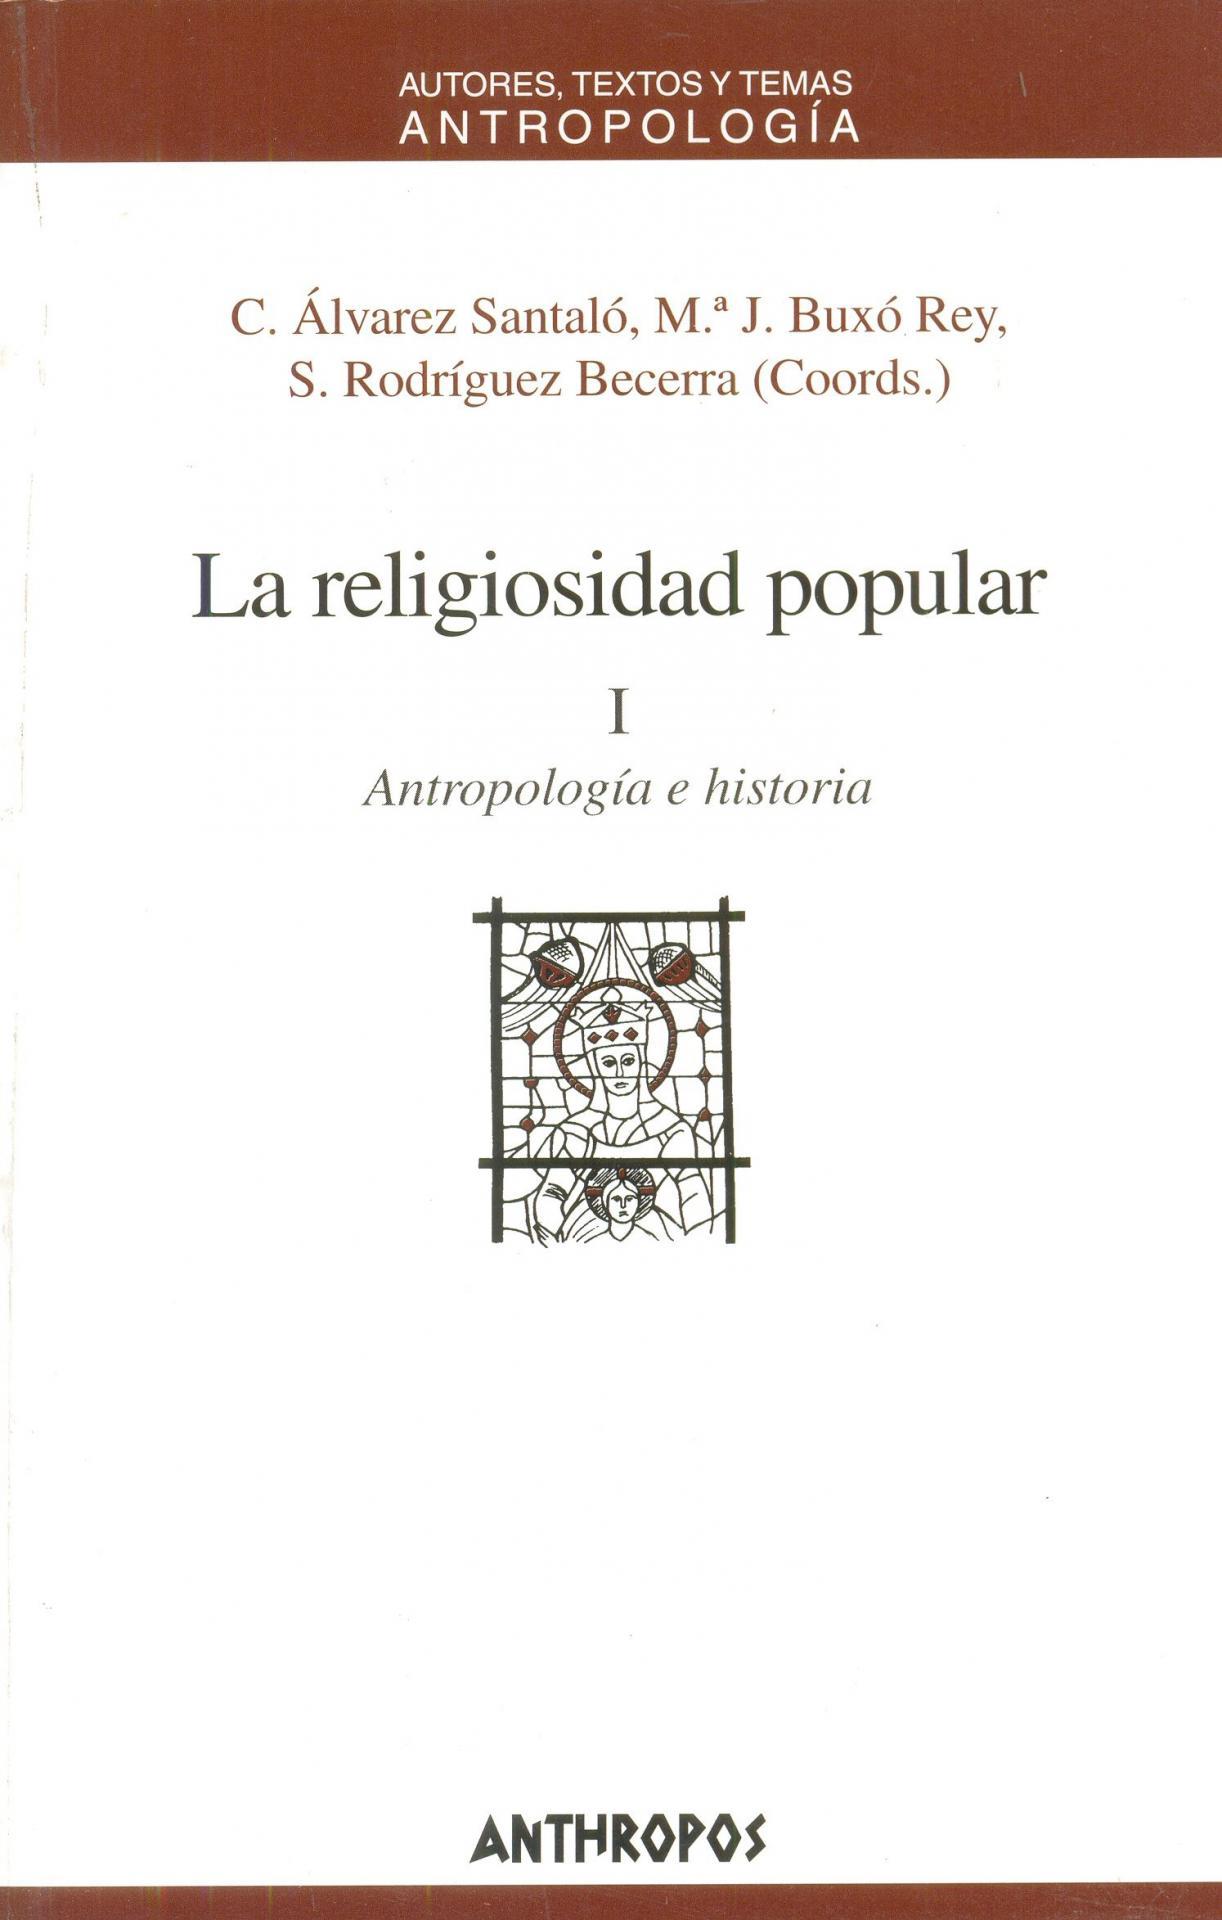 LA RELIGIOSIDAD POPULAR I. Antropología e historia. Álvarez Santaló, C; Buxó Rey, MªJ.; Rodríguez Becerra, S.